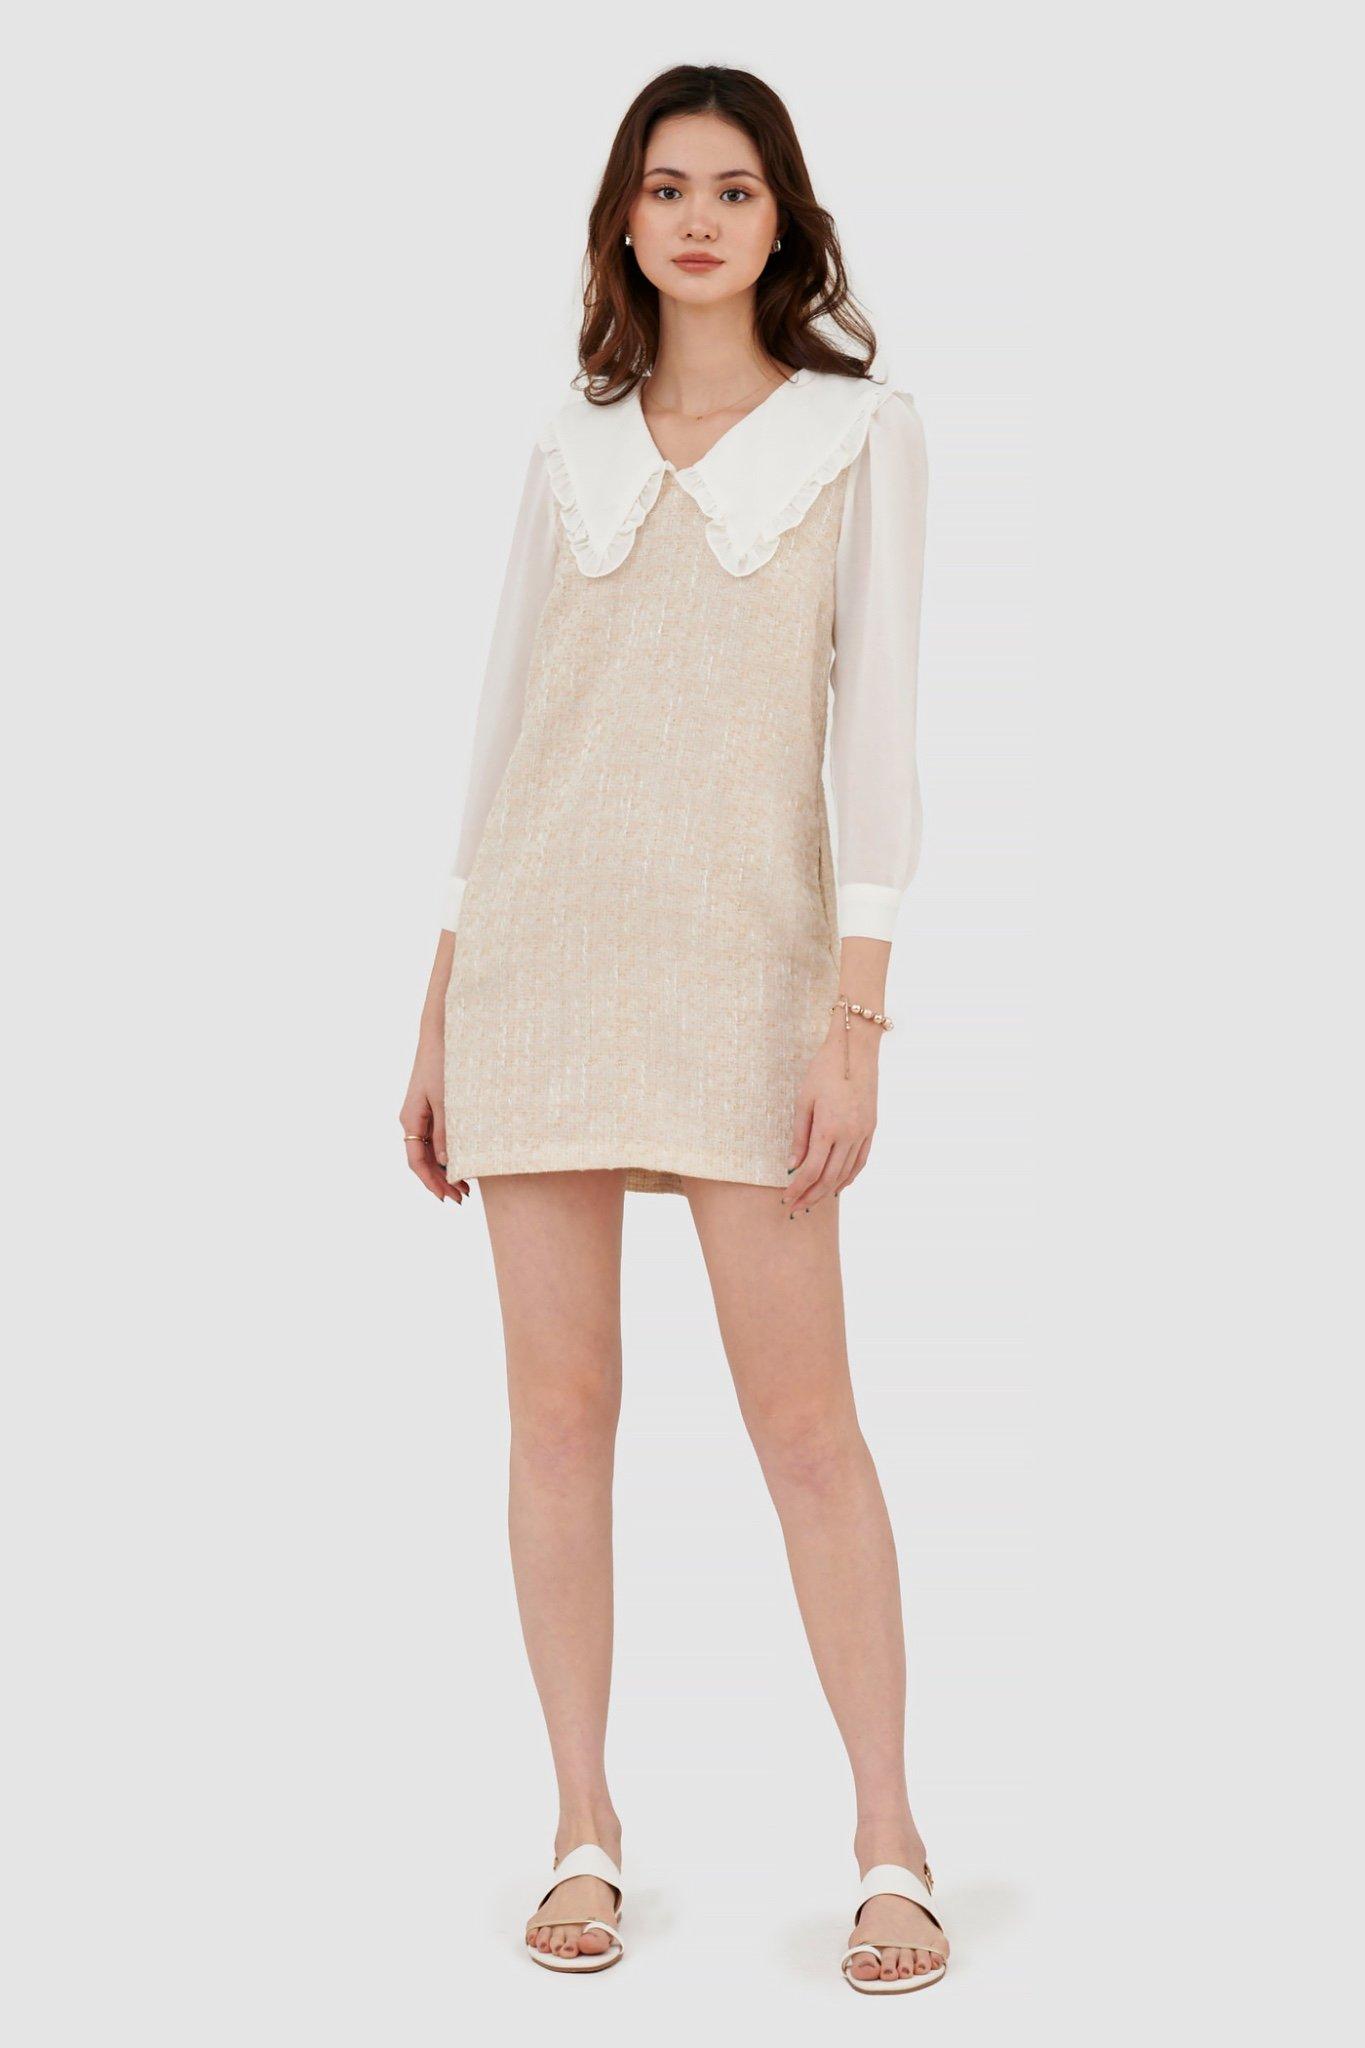 Đầm form suông vải tweed phối vải